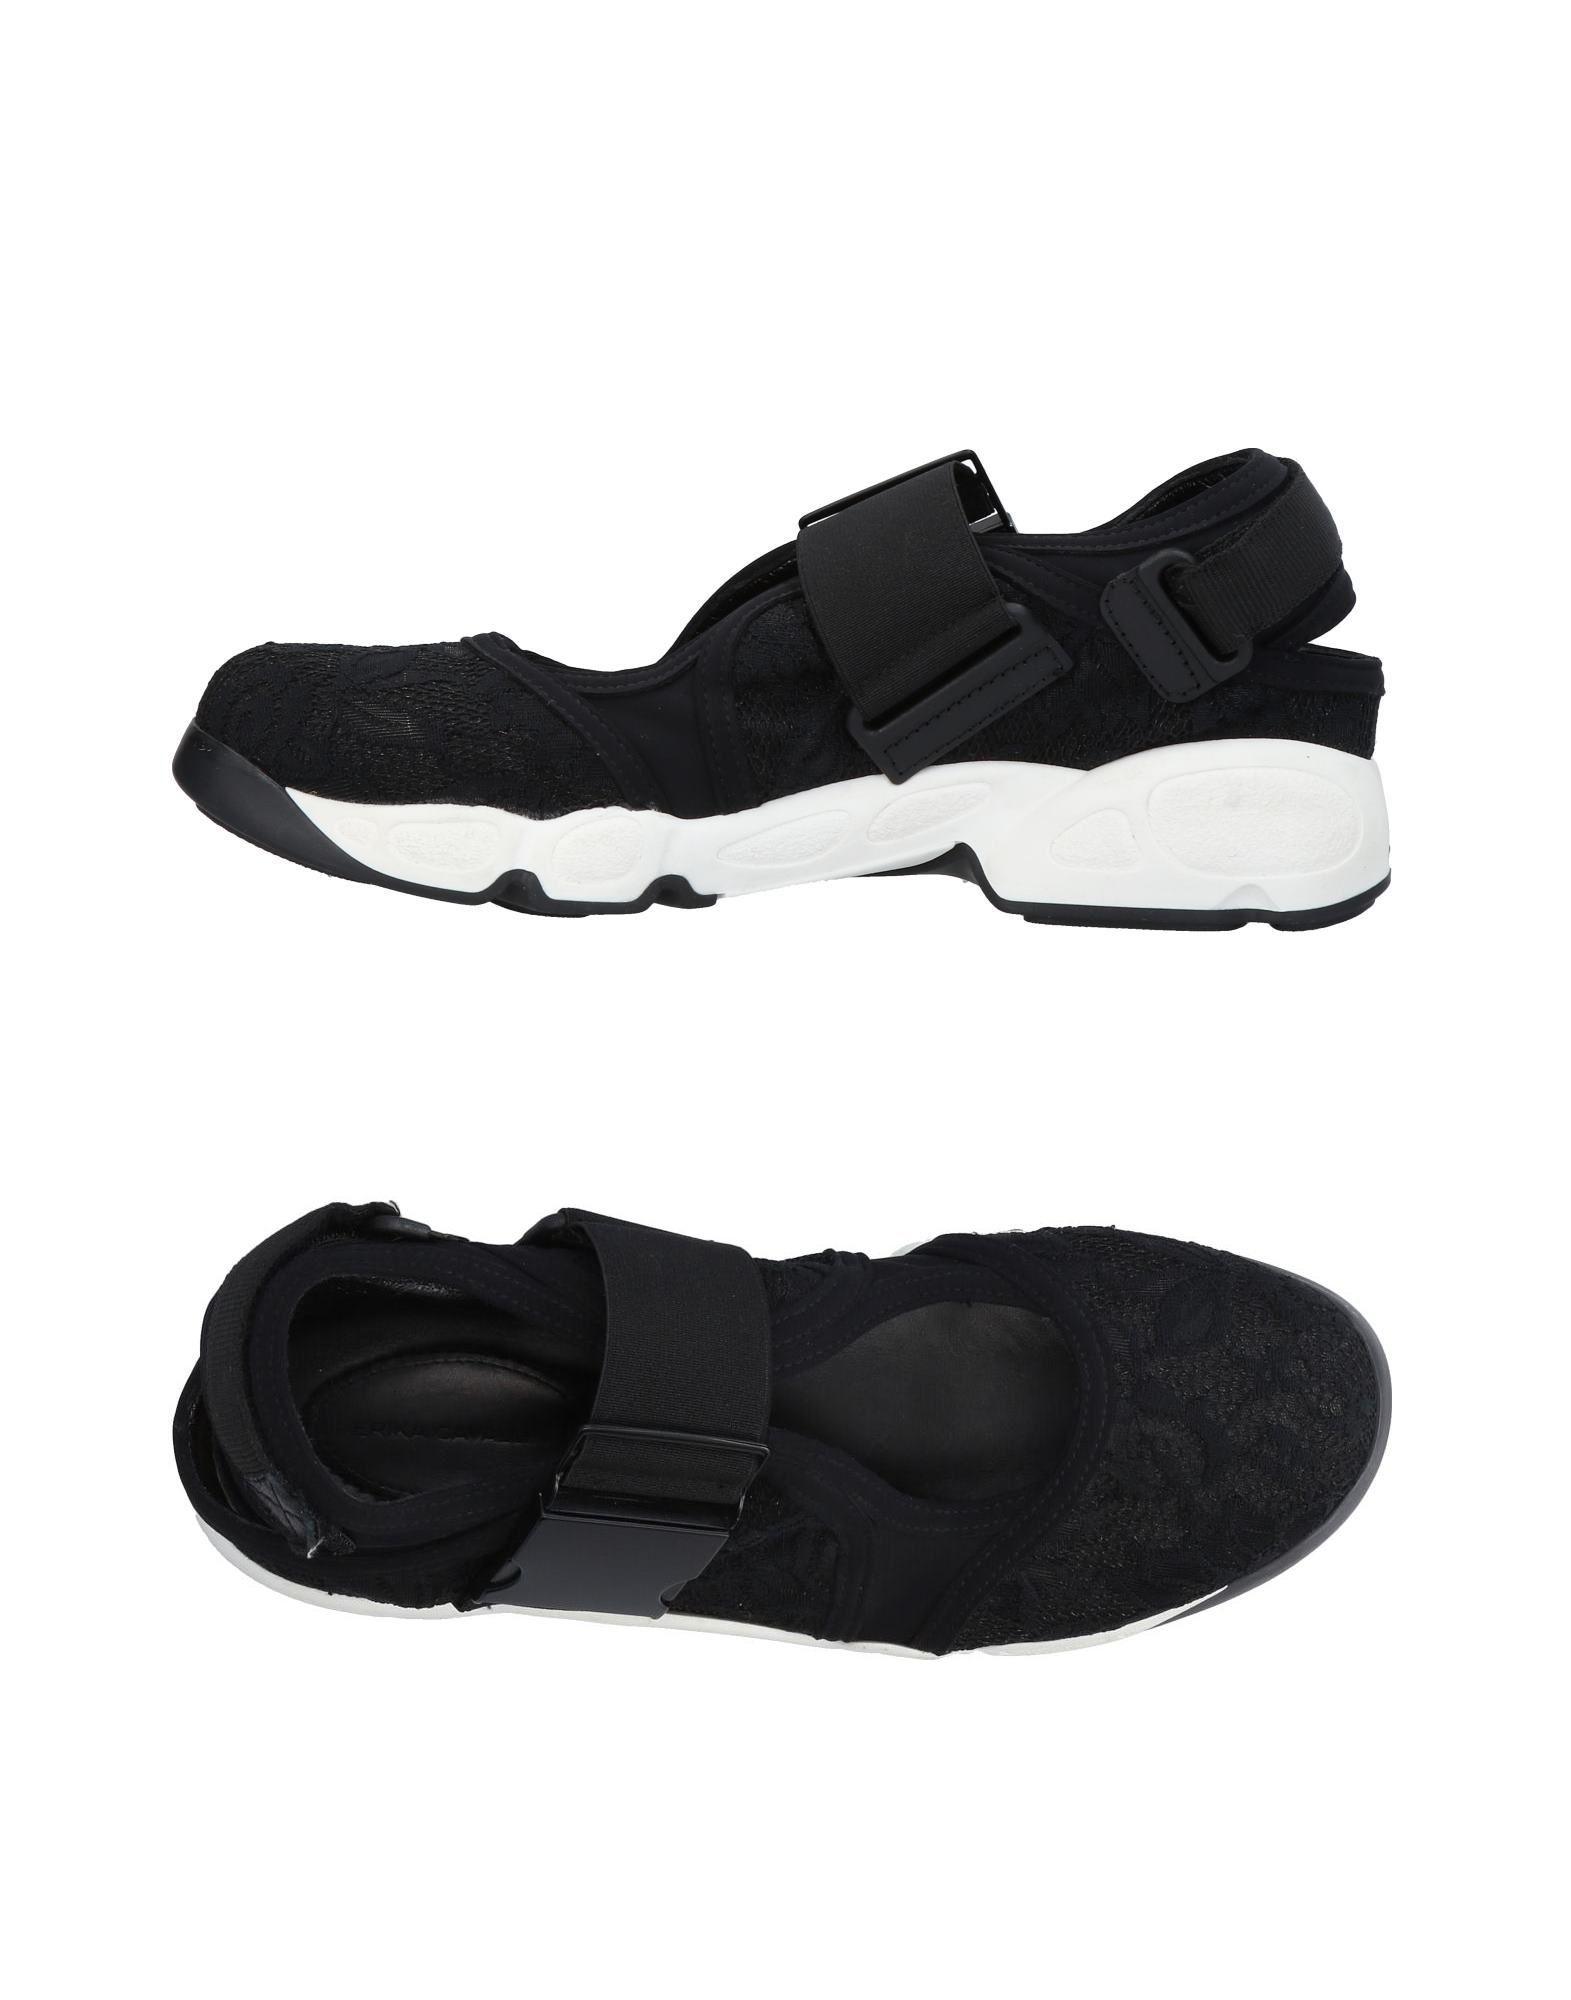 Erika Cavallini Sneakers Damen  11448462DD Gute Qualität beliebte Schuhe